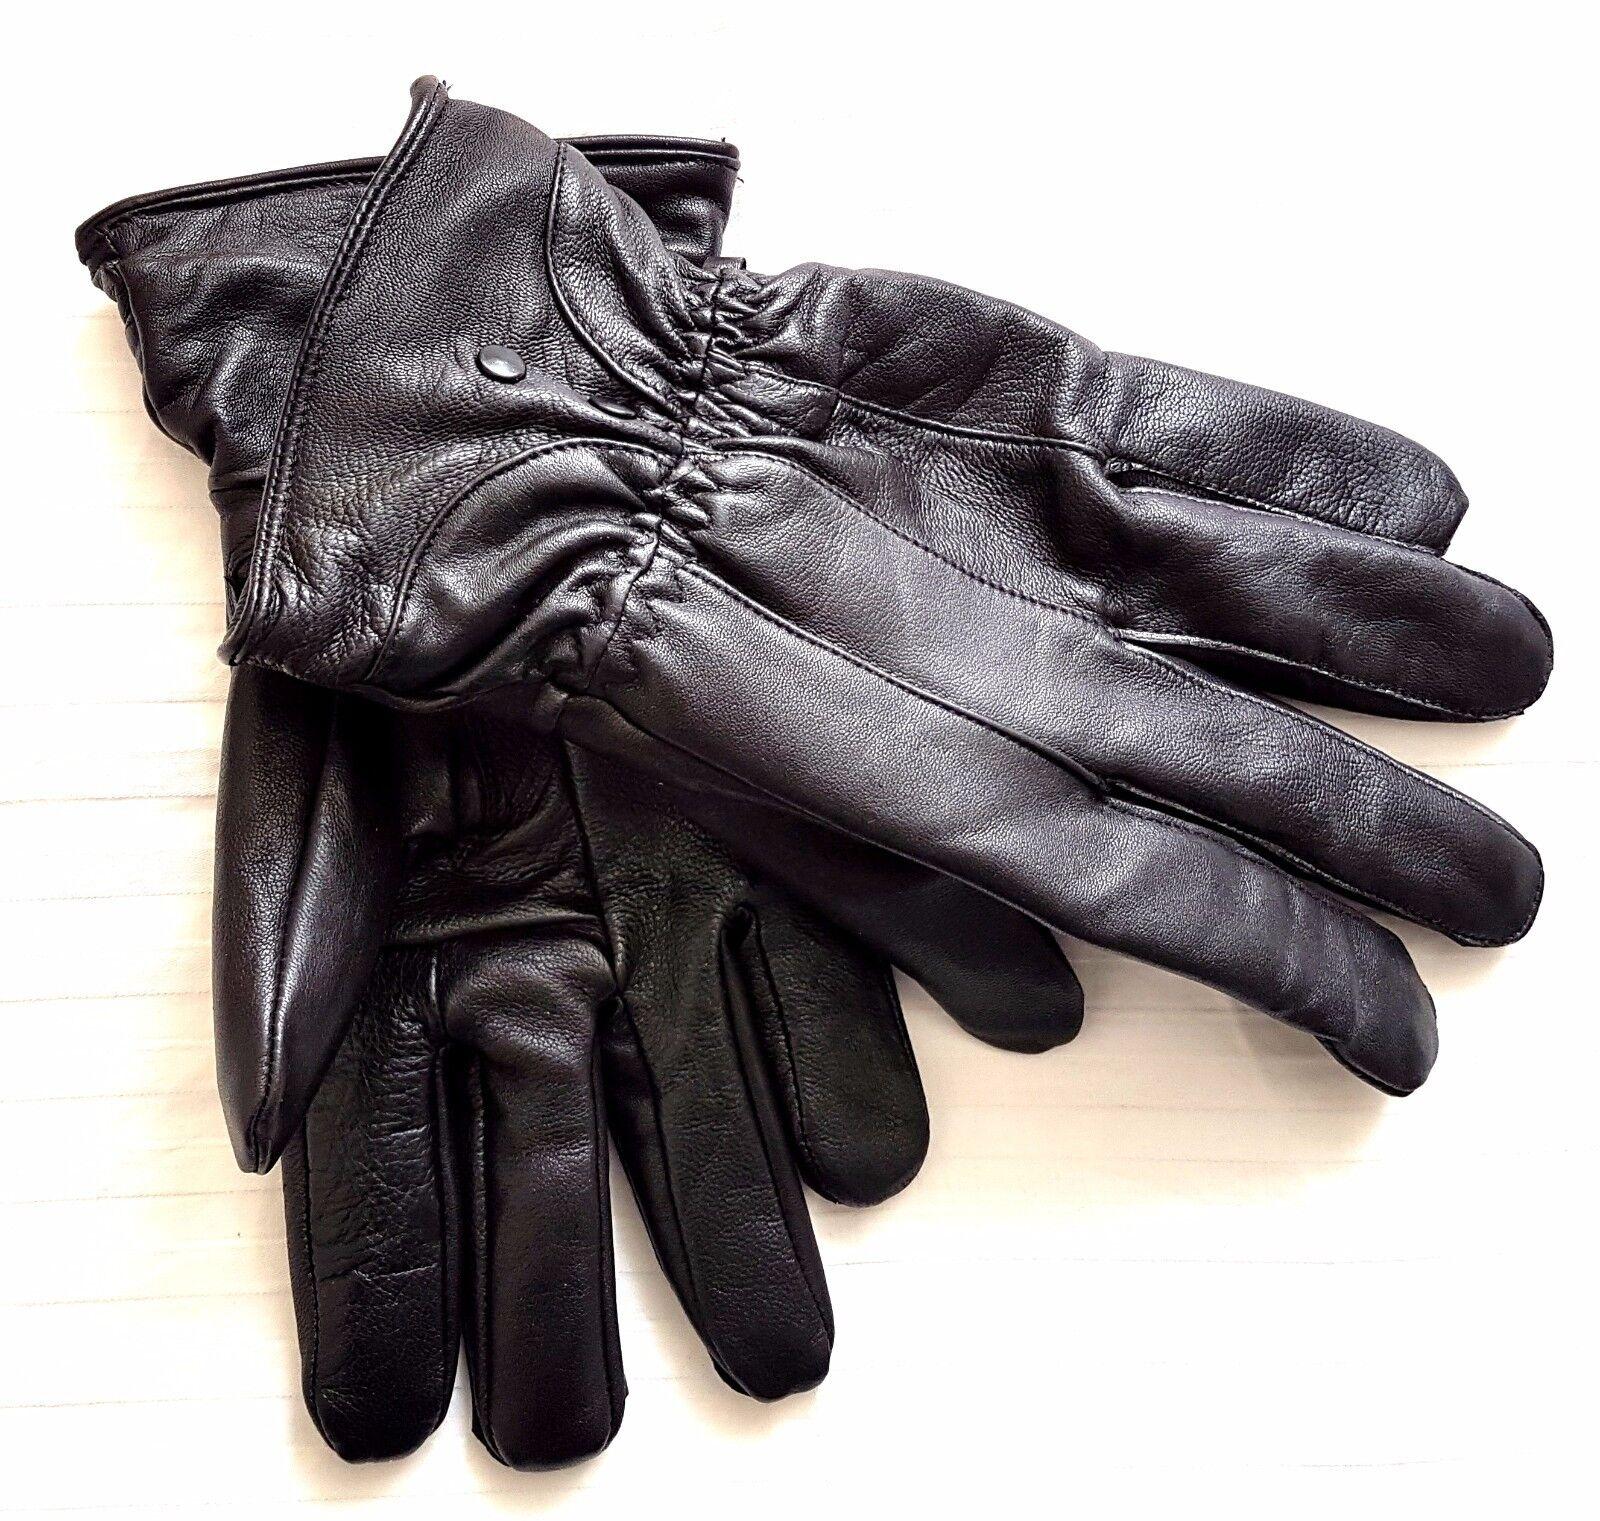 Black 100% Genuine Leather Gloves for Men's Winter Gloves